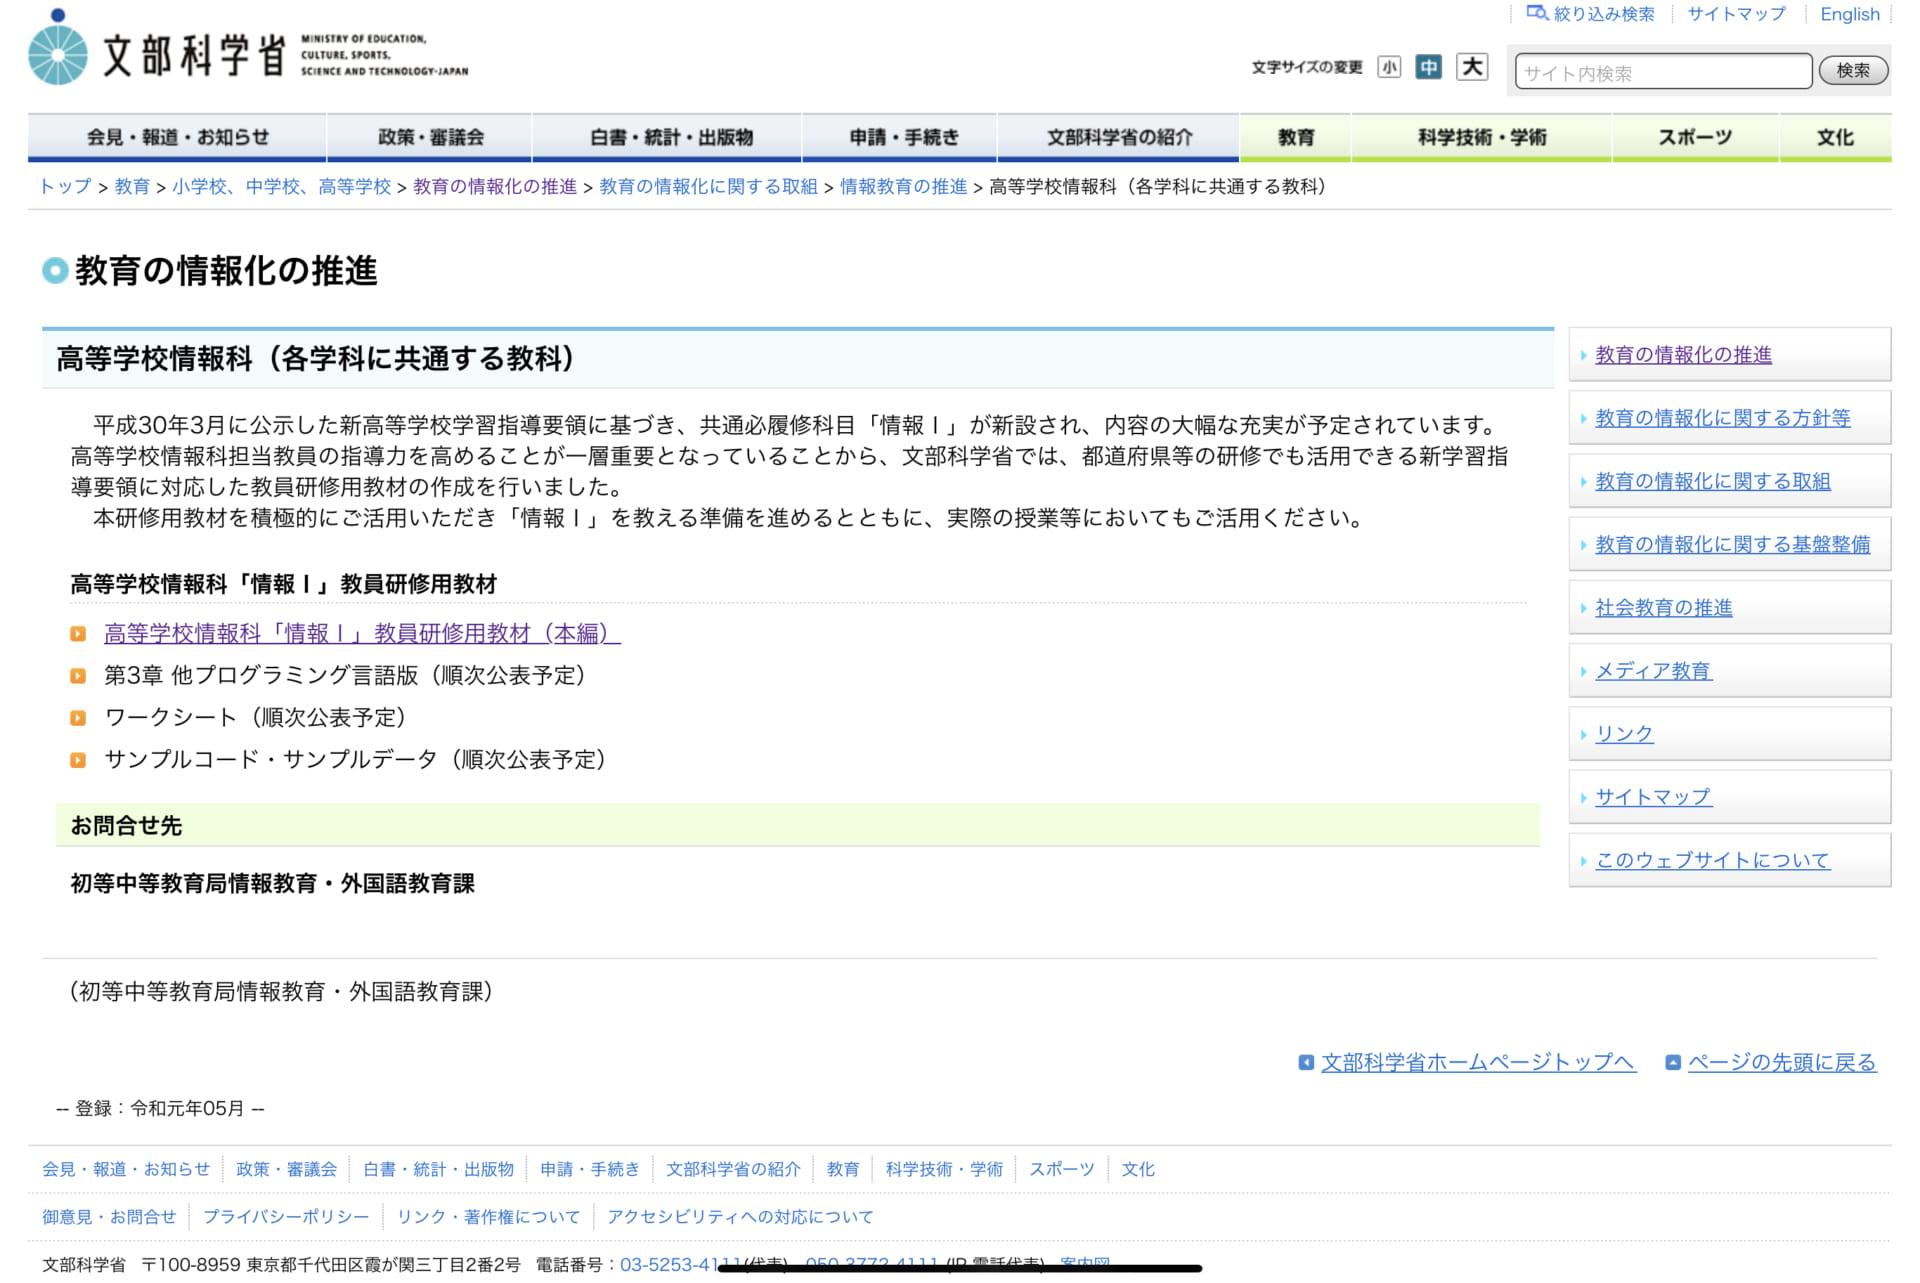 文部科学省のサイトに、「情報Ⅰ」の研修用資料がPDFで公開されました。この内容について、特徴のある部分を解説します。